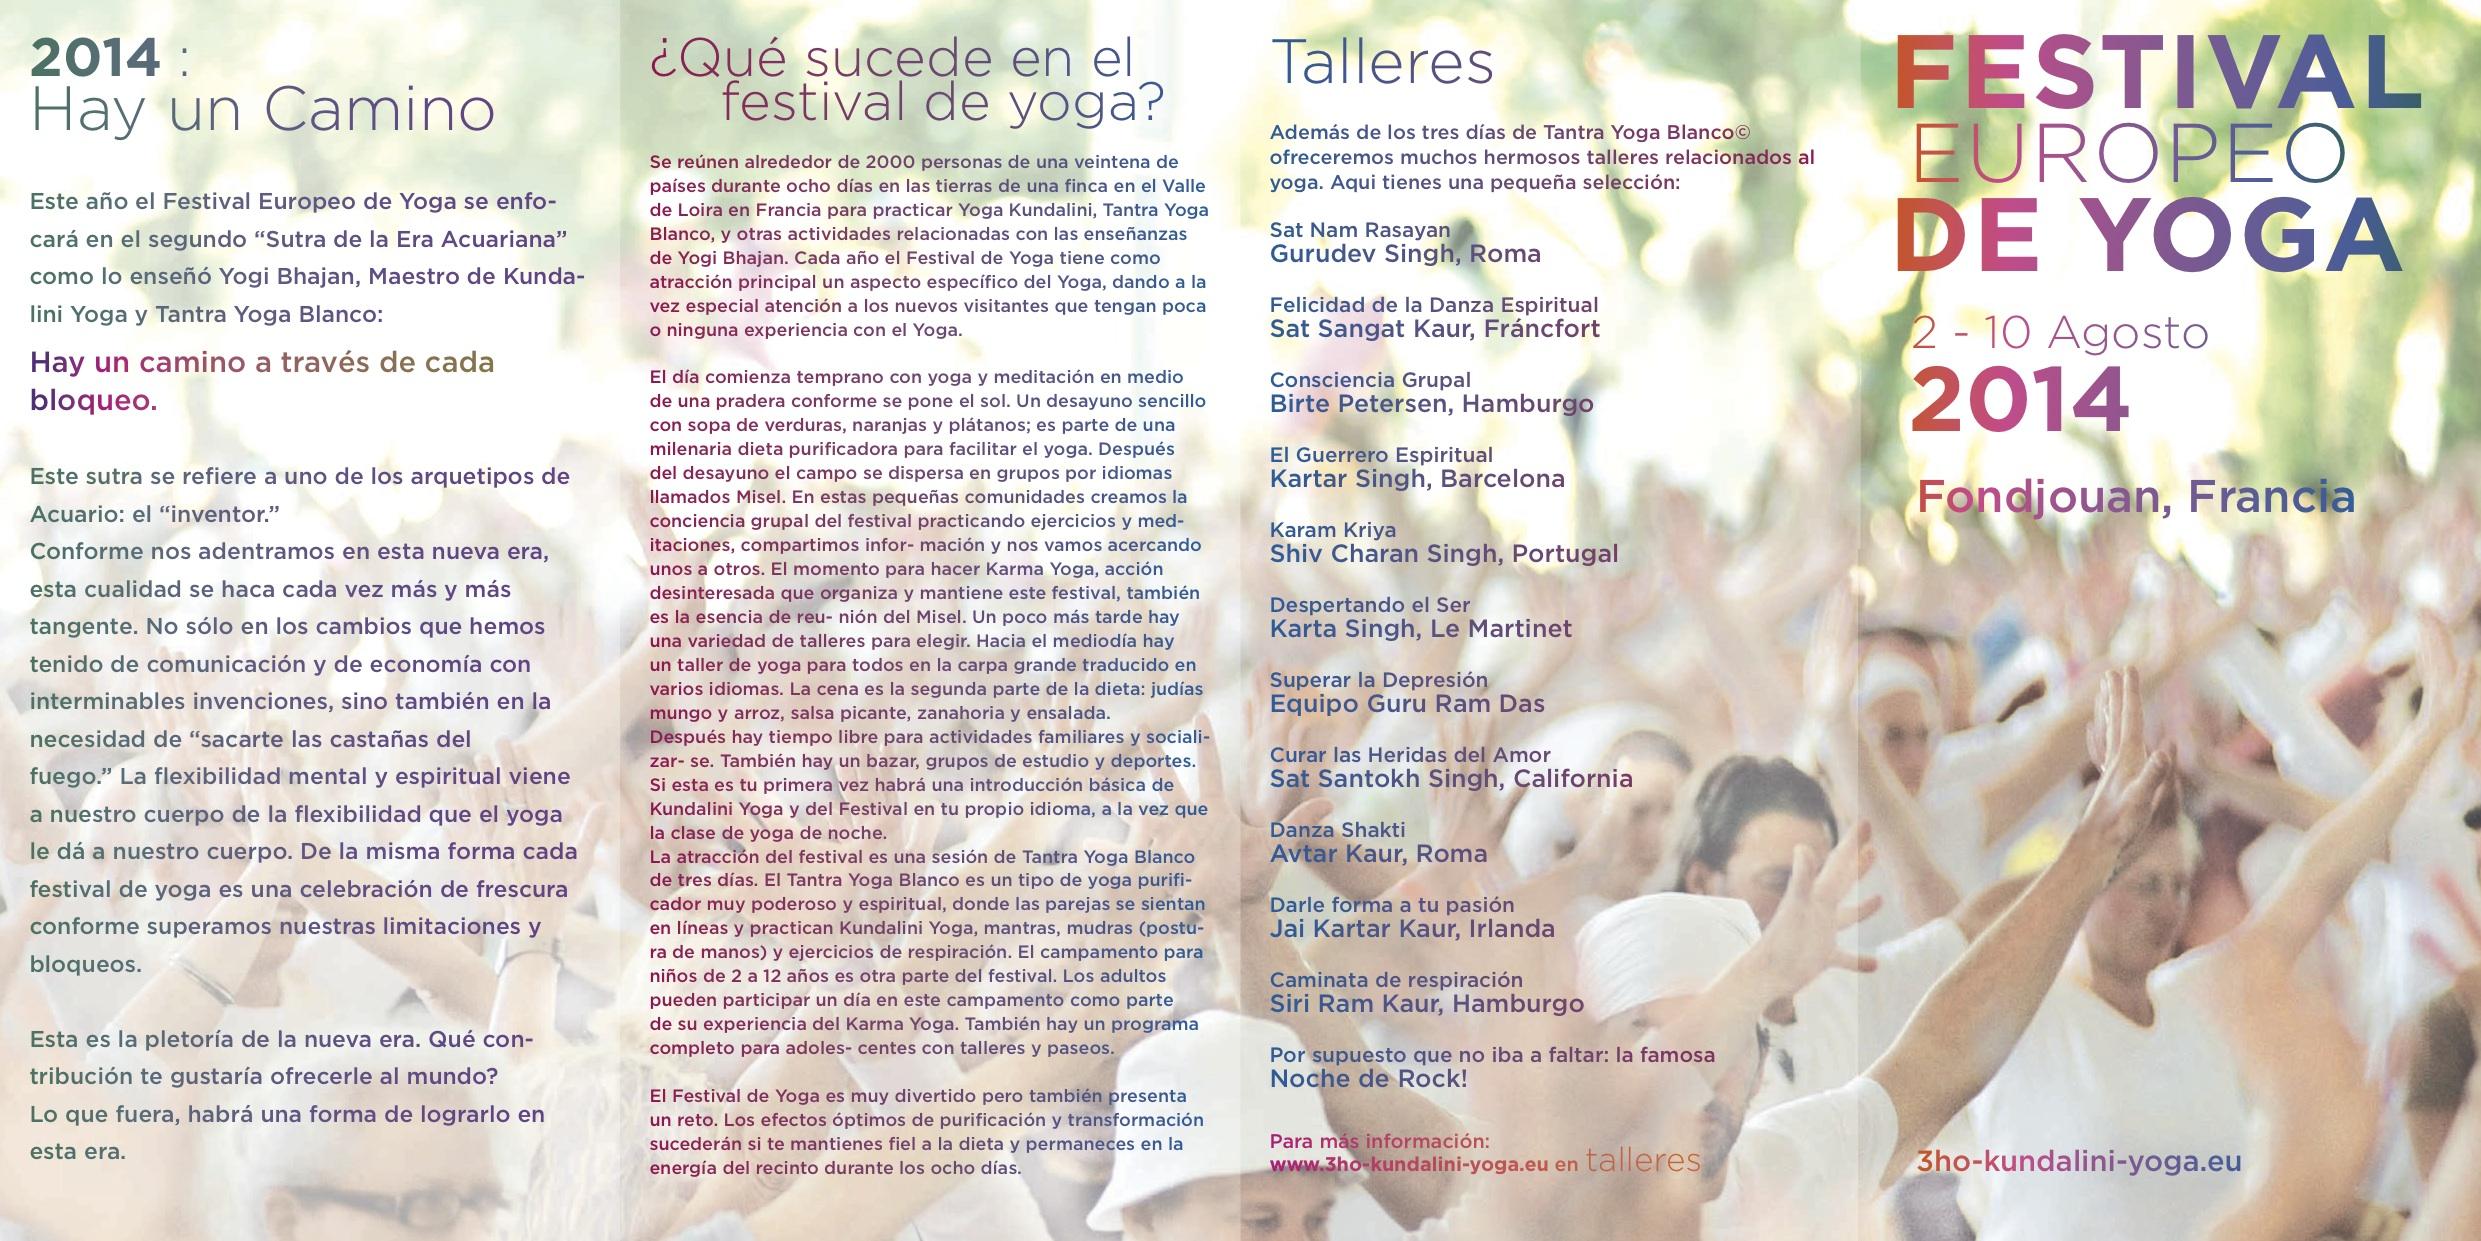 Festival de Yoga Europeo del Sáb. 2 Agosto al Dom. 10 Agosto 2014